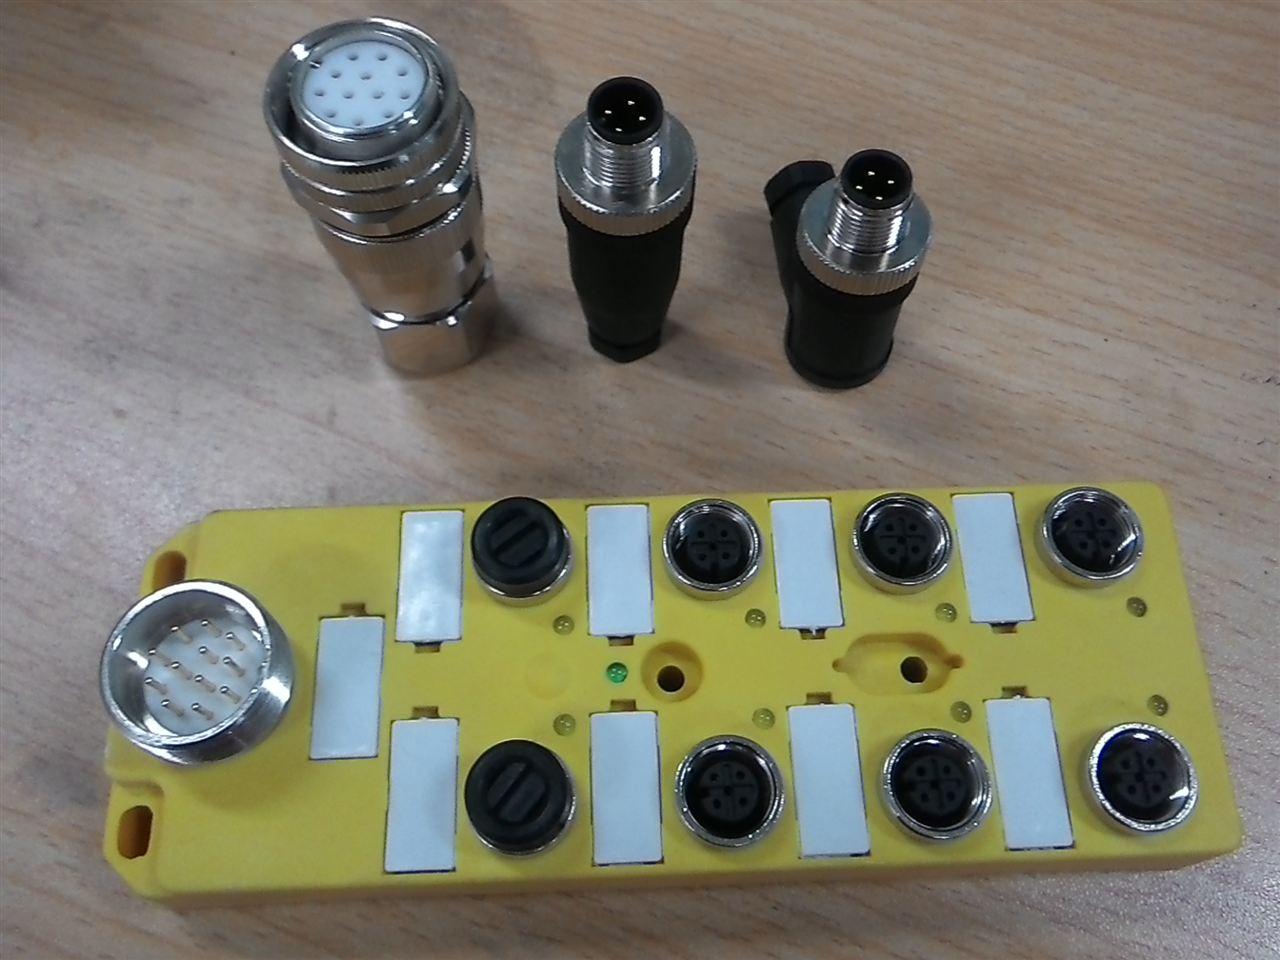 上海科迎法提供3针3孔、4针4孔、5针5孔、6针6孔、7针7孔、8针8孔、12针12孔形式的线缆插头和插座。和传感器执行器总线模块在自动化设计一样,M12信号插头、M8信号线插头,7/8电源插头、5/8耐高温电源信号插头有直角和弯角,易于组装和拆装,不需要工具。